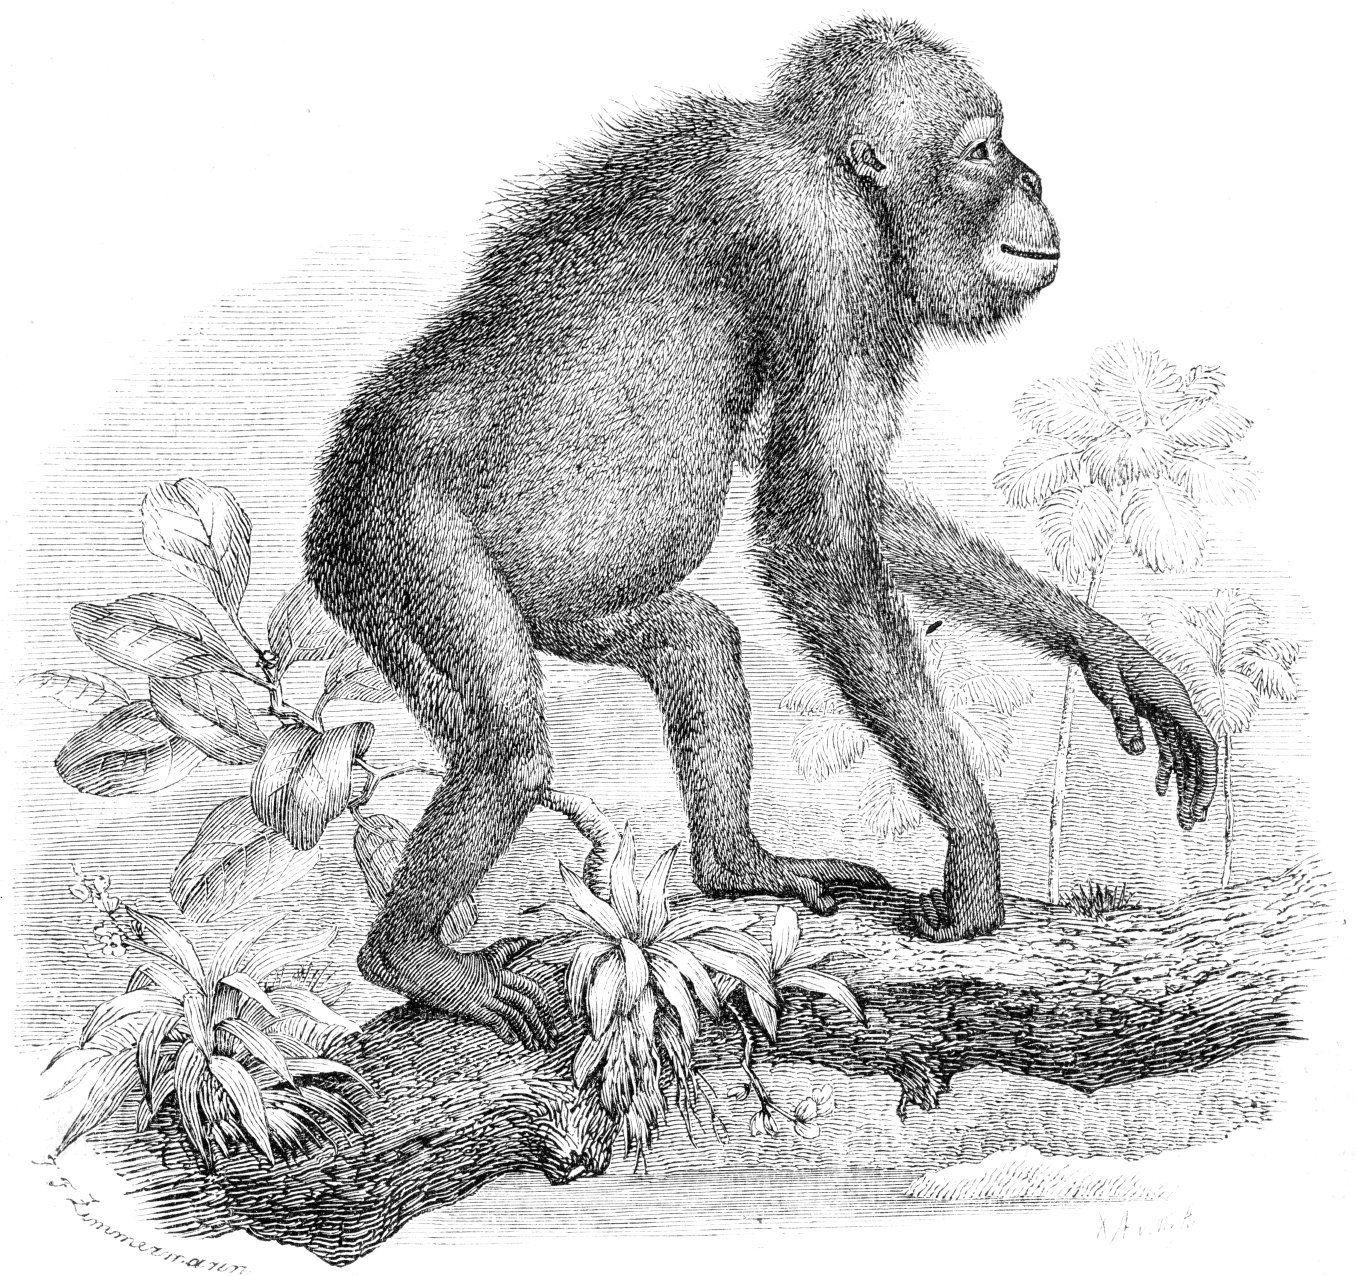 Uncategorized Orangutan Drawing orangutan drawing beautiful pencil of a monkey orangutan